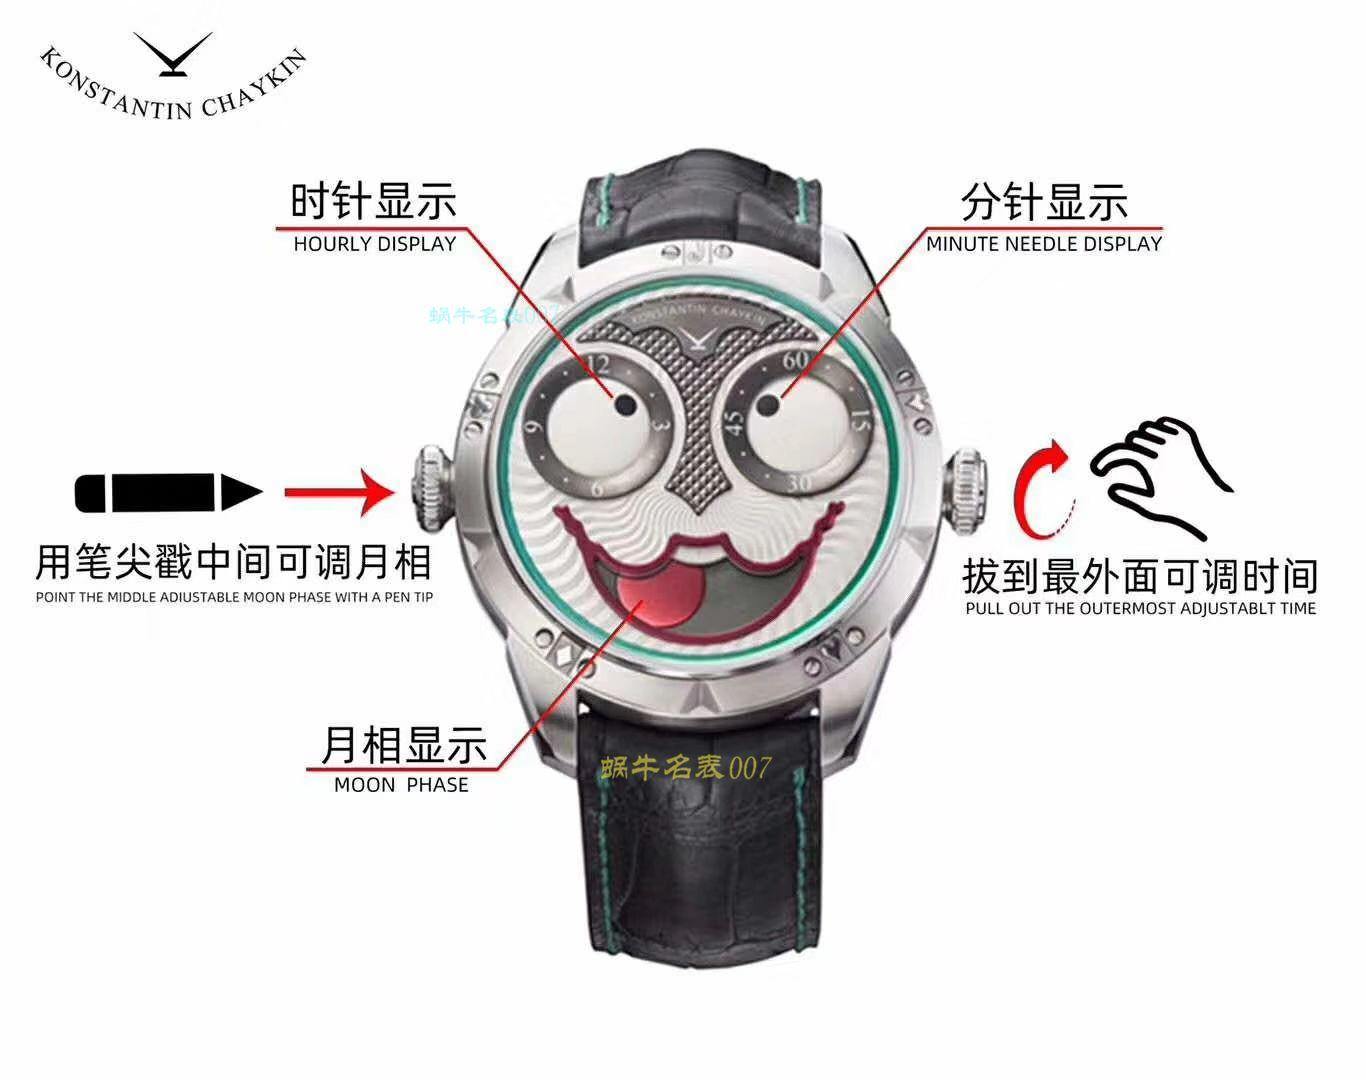 V9厂俄罗斯小丑(康斯坦丁·切金Konstantin Chaykin)小丑Joker / Xiaochou011